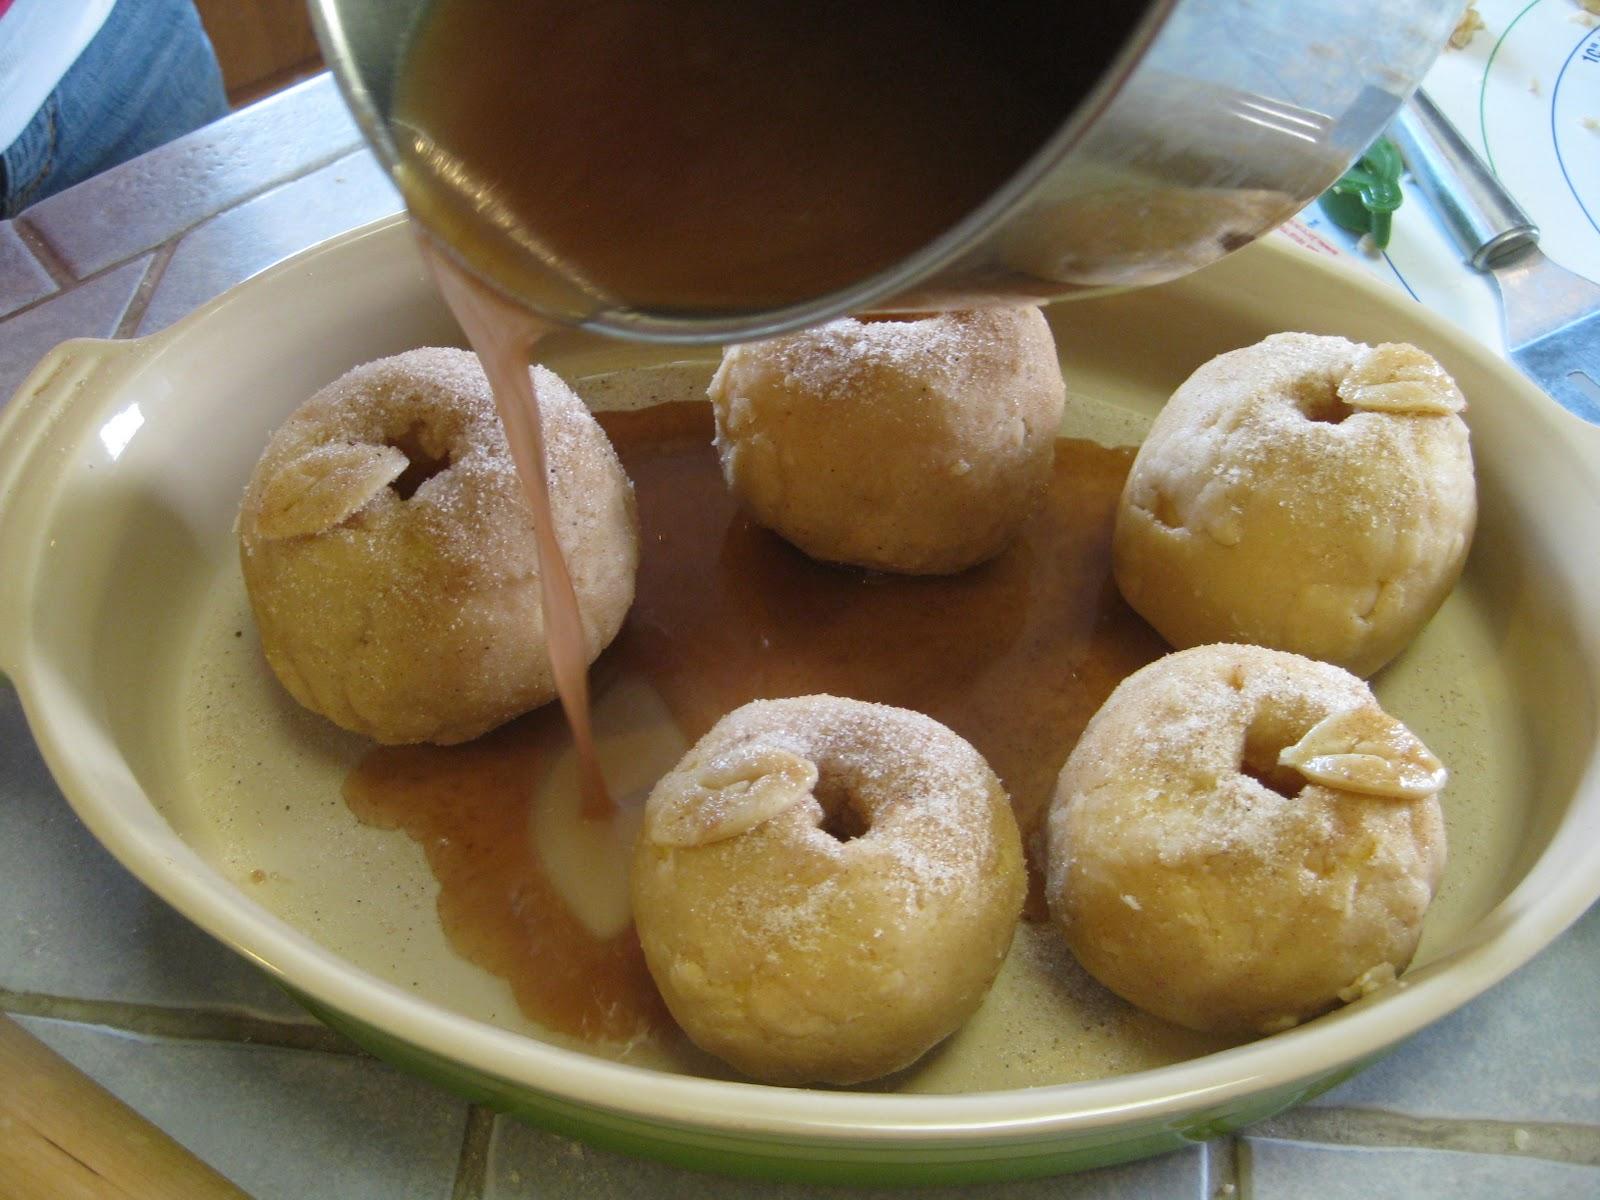 Heidis Recipes Apple Dumplings Recipe